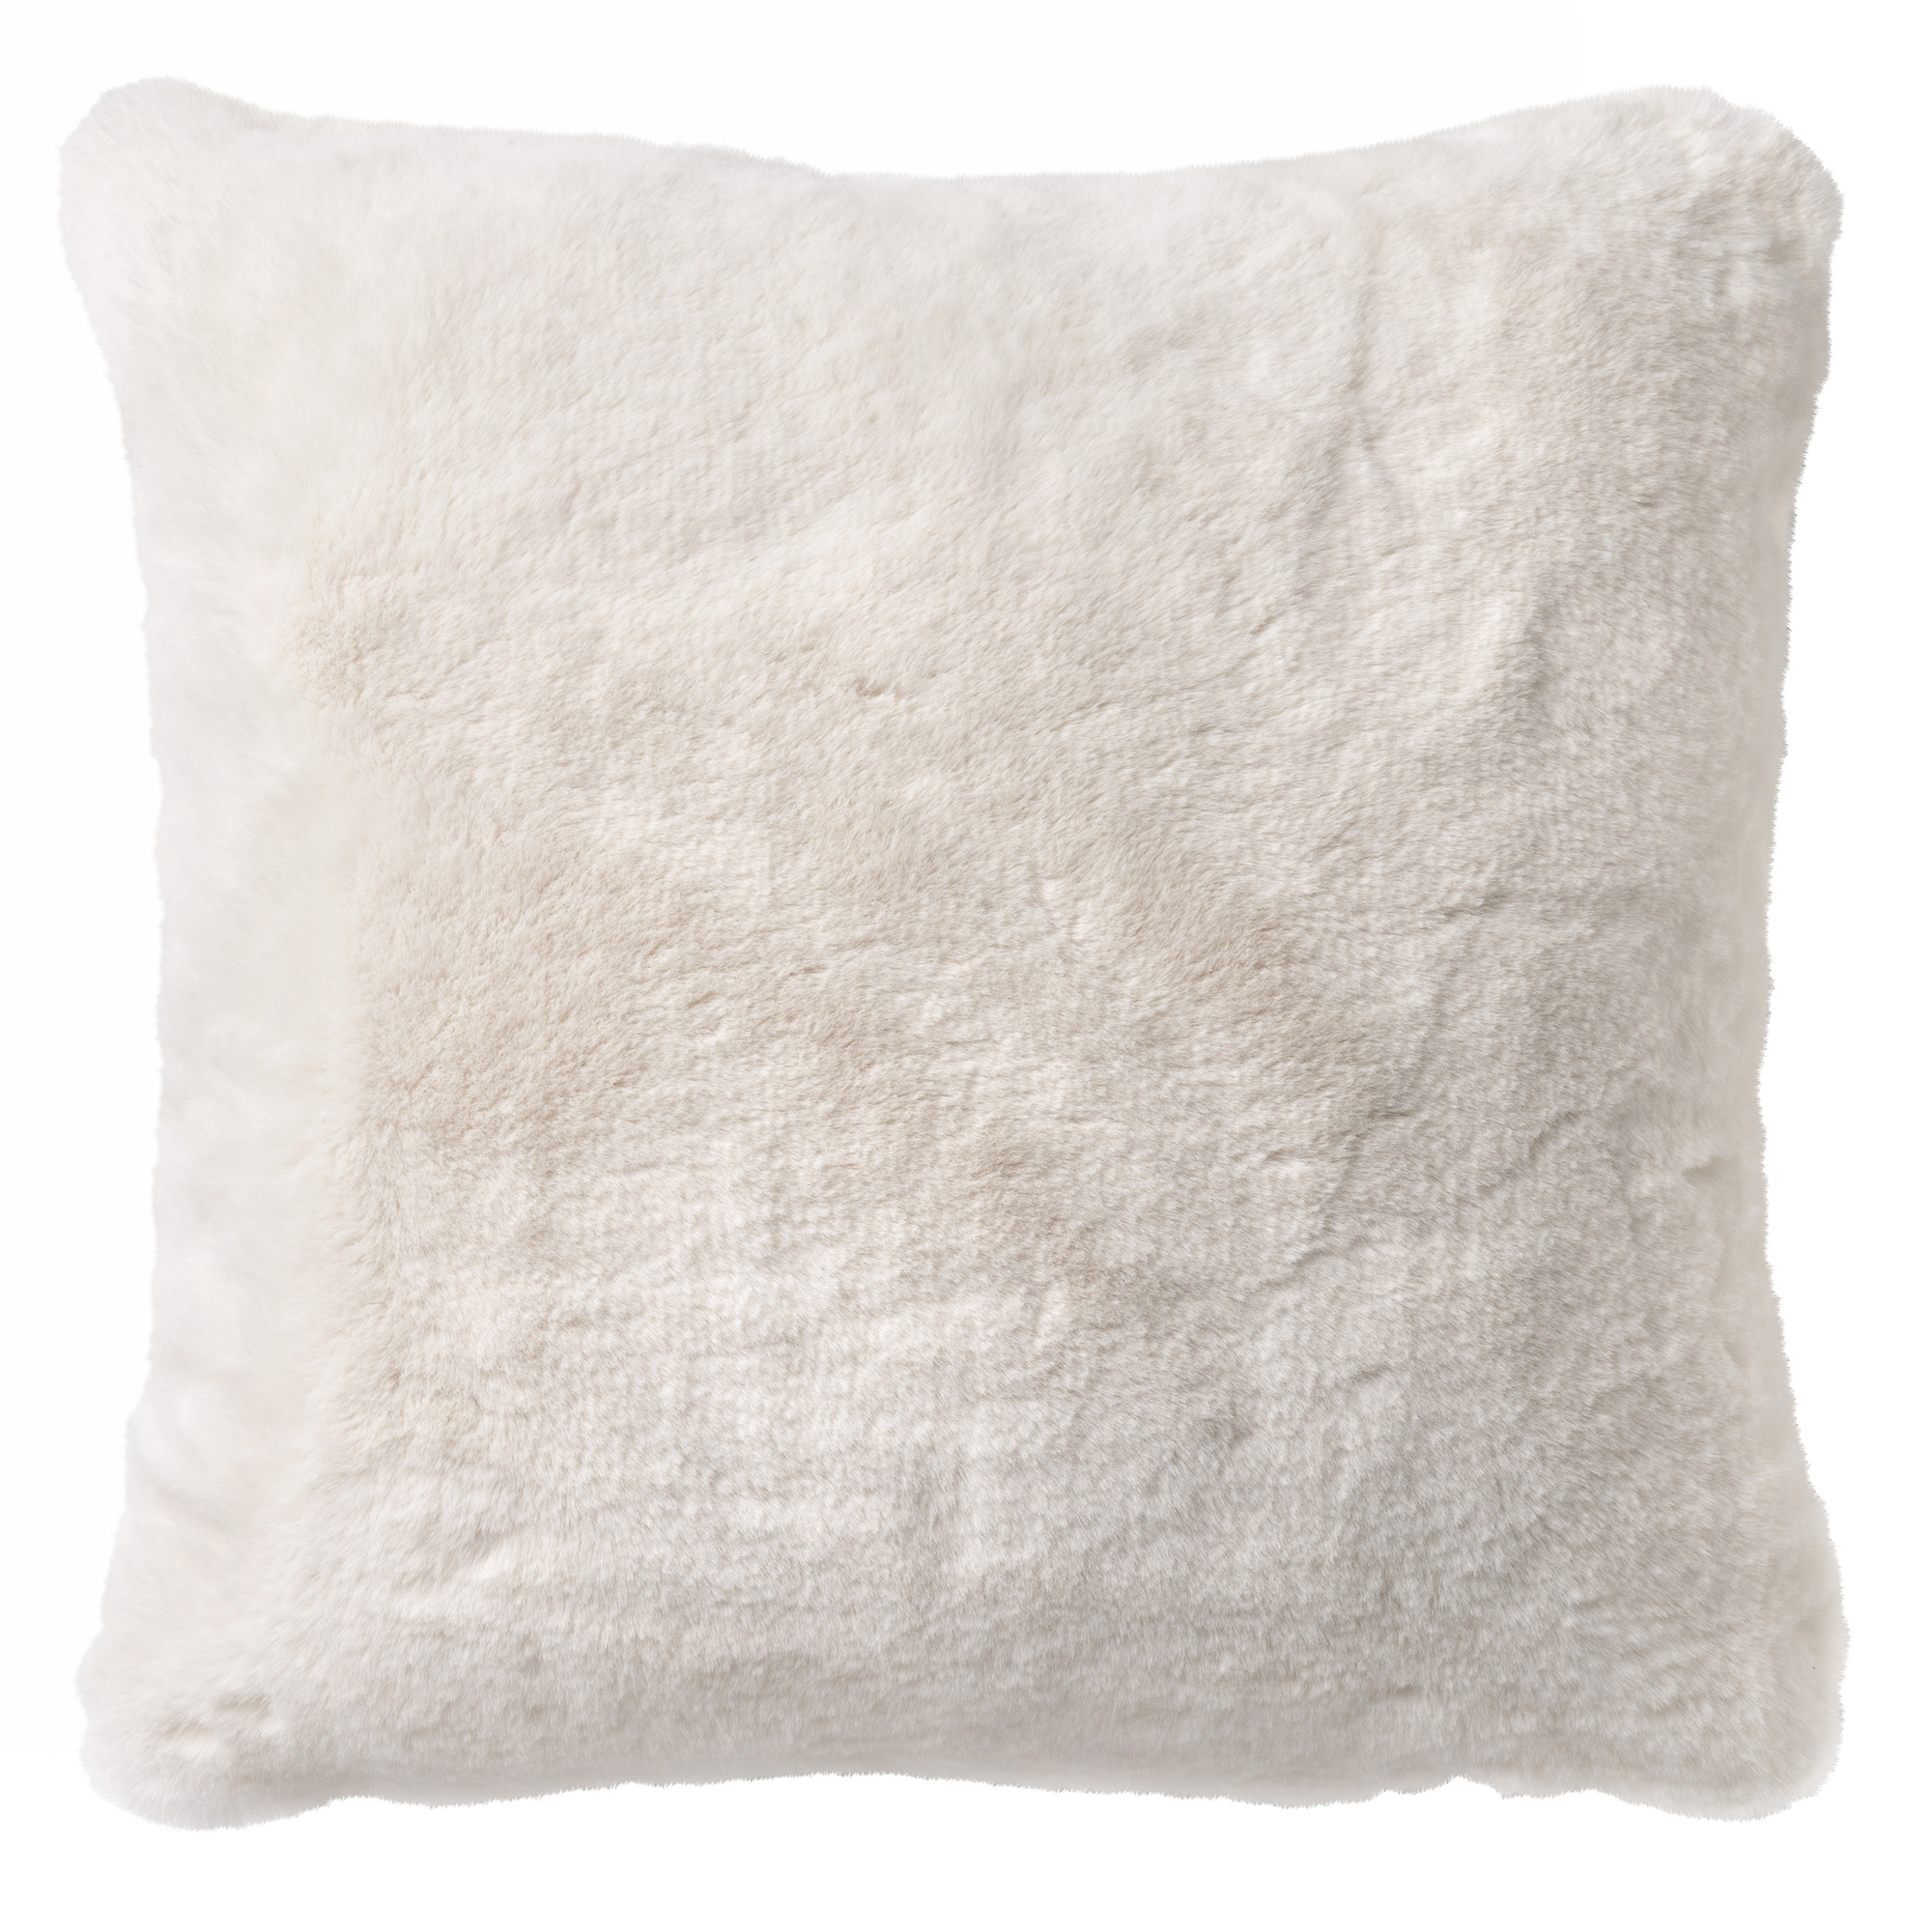 Housse de coussin avec imitation fourrure 45x45